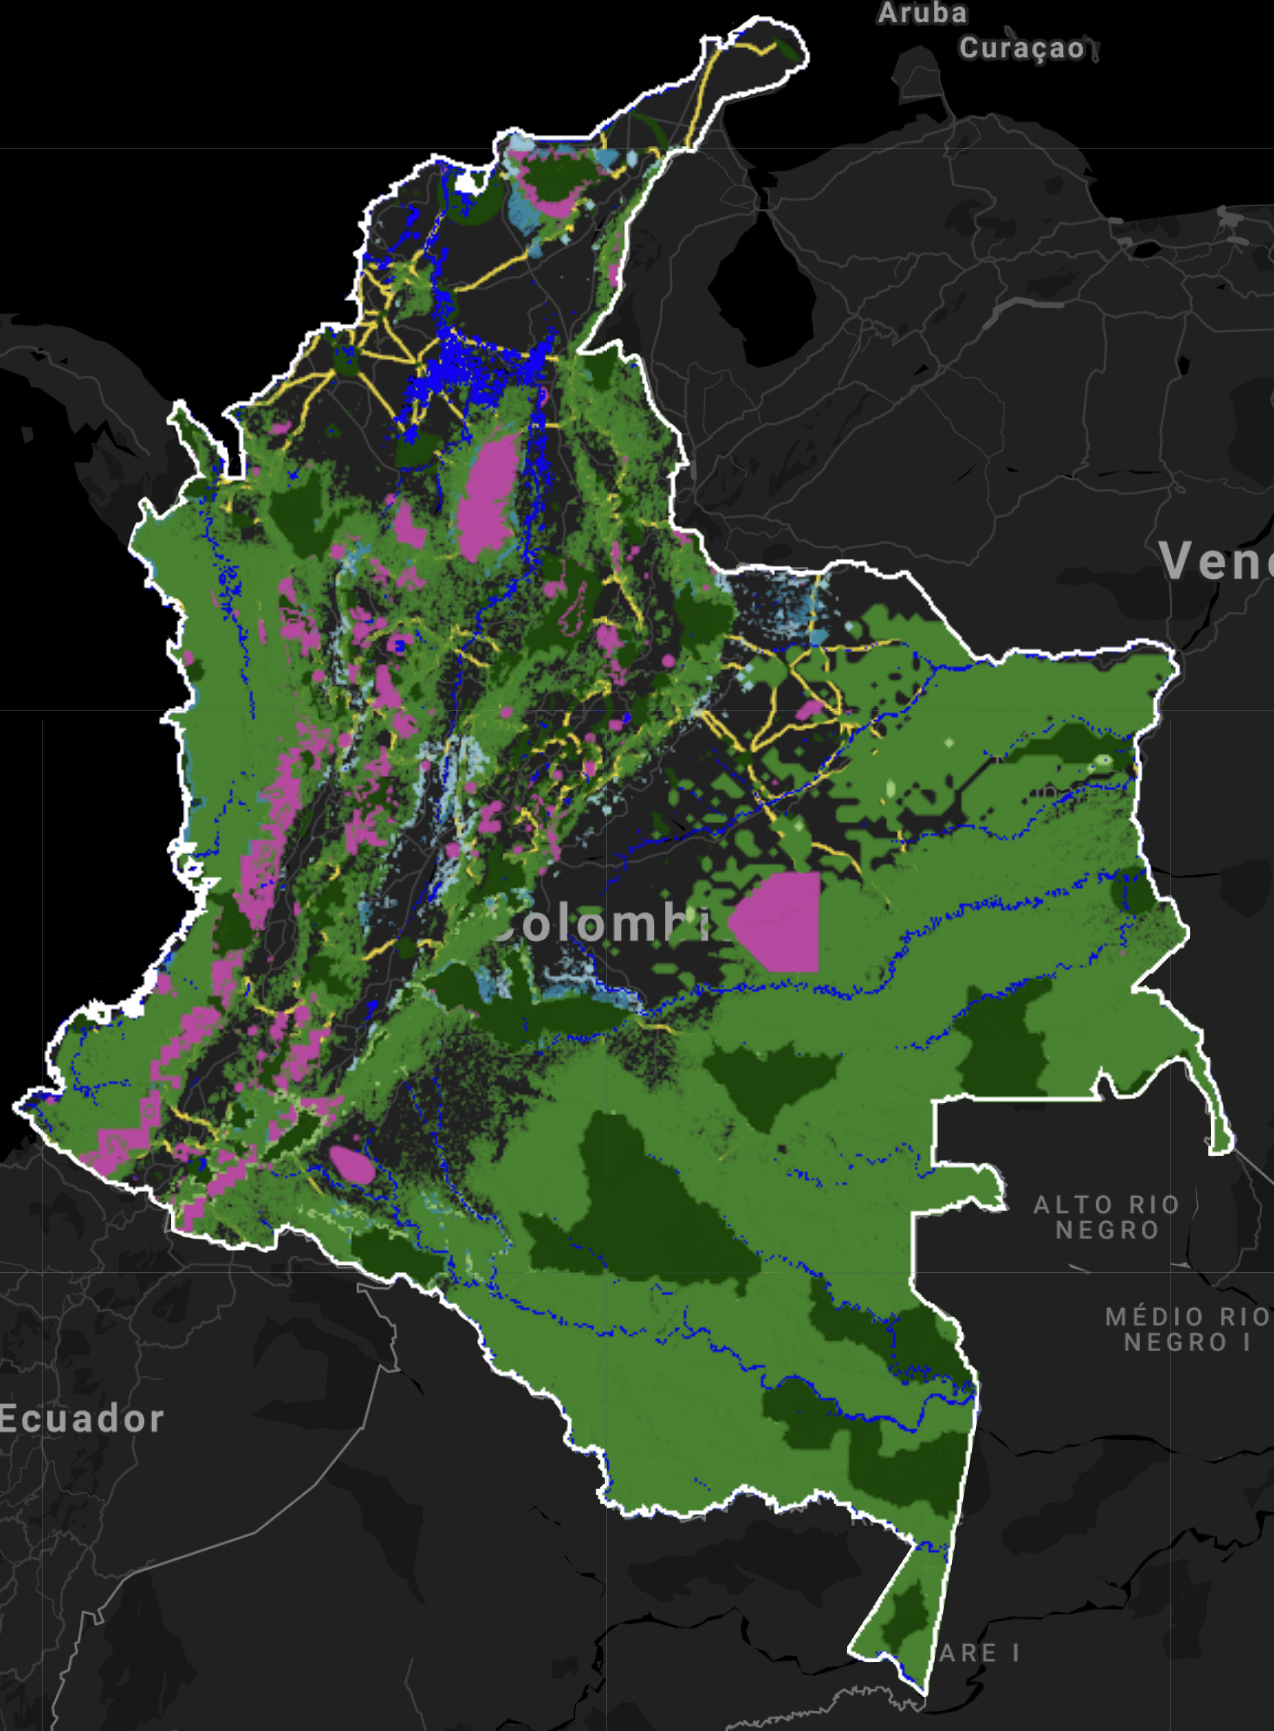 """Para Eric Dinerstein, Colombia es el país más importante de la Tierra para la conservación de la biodiversidad con la mayor cantidad de plantas endémicas y muchos vertebrados. Tiene 33 ecorregiones, solo detrás de Brasil (49) y México (45). Fuente: artículo 'Una """"red de protección global"""" para revertir la pérdida de biodiversidad y estabilizar el clima de la Tierra'."""